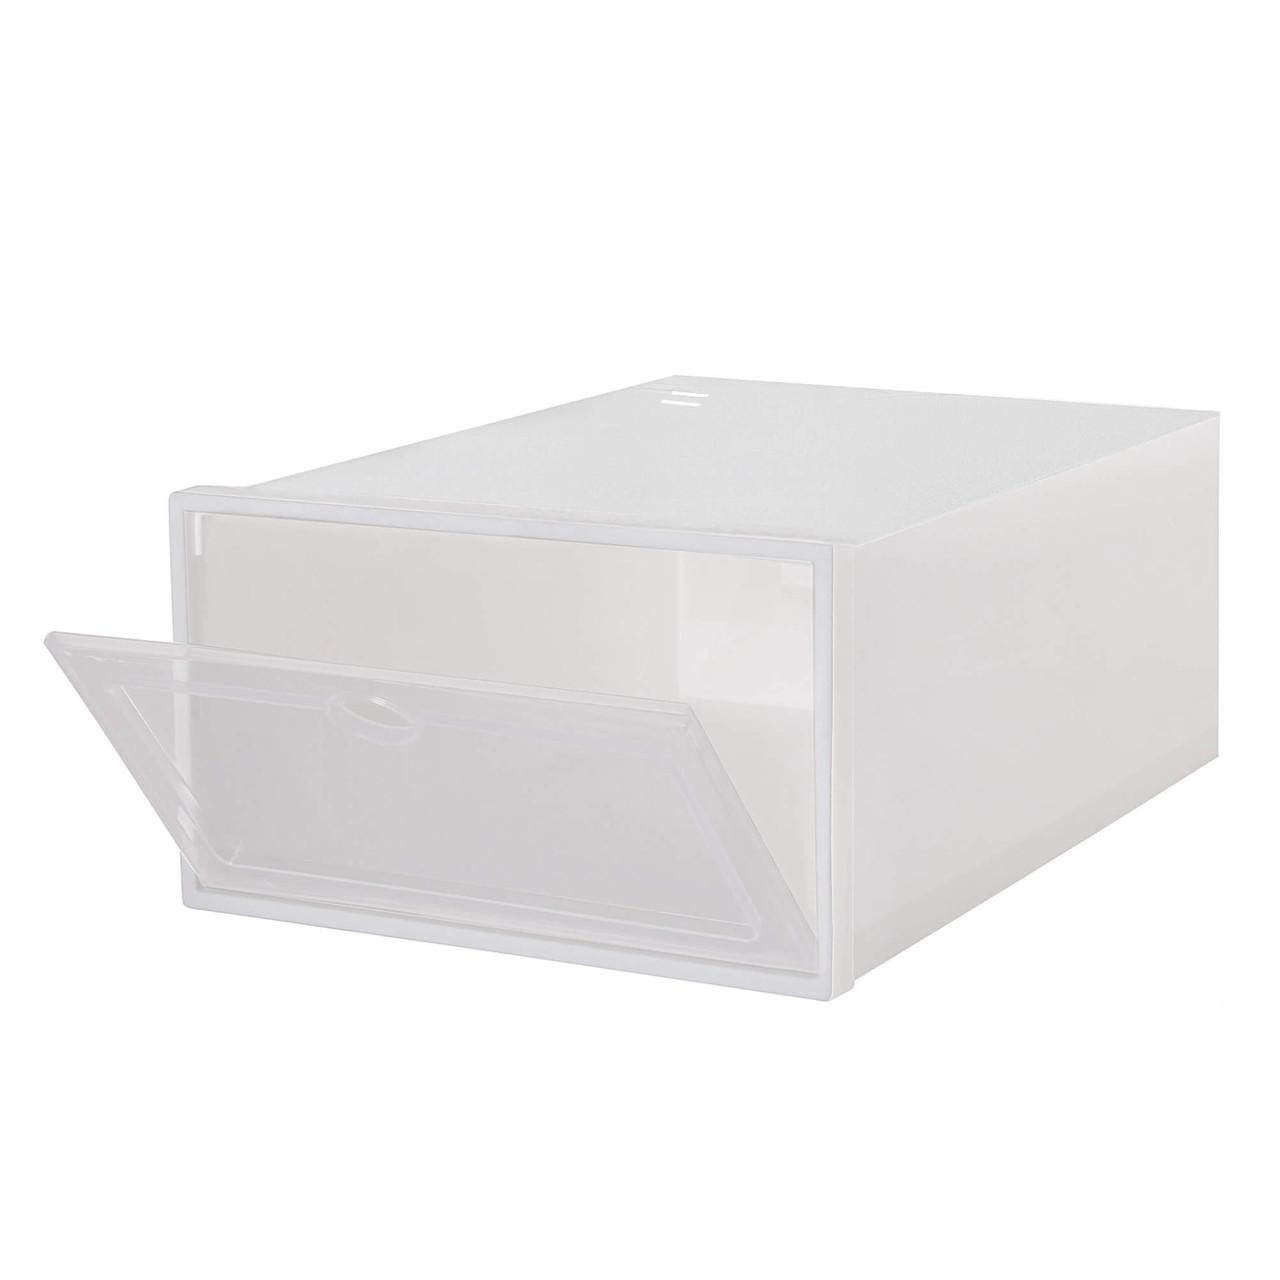 Органайзер (коробка) для обуви 33 x 23.5 x 13.5 см Springos HA3008